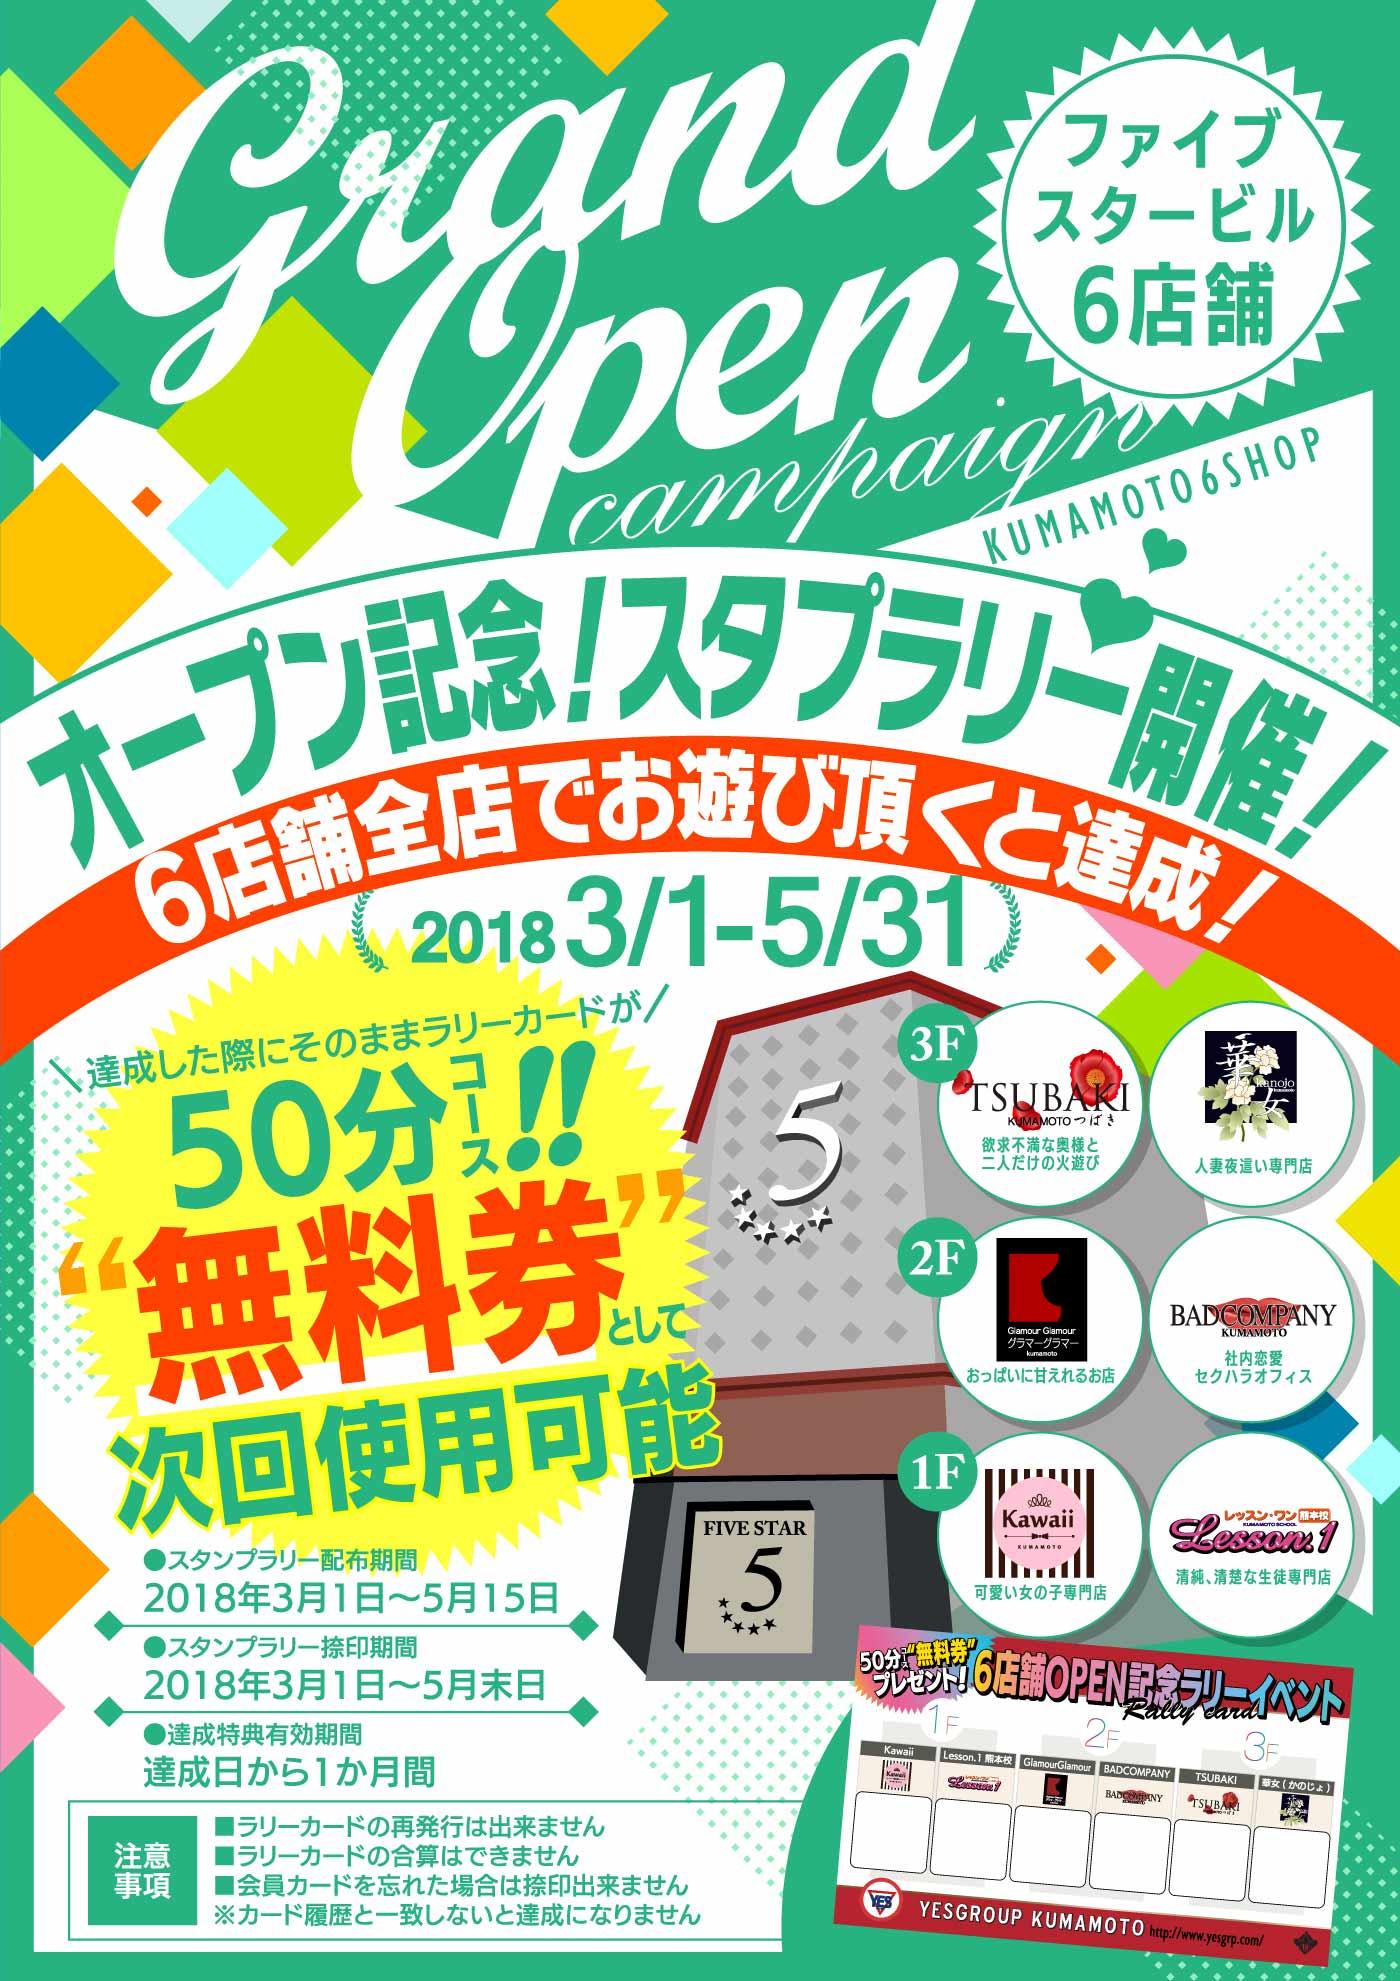 オープン記念スタプラリー開催